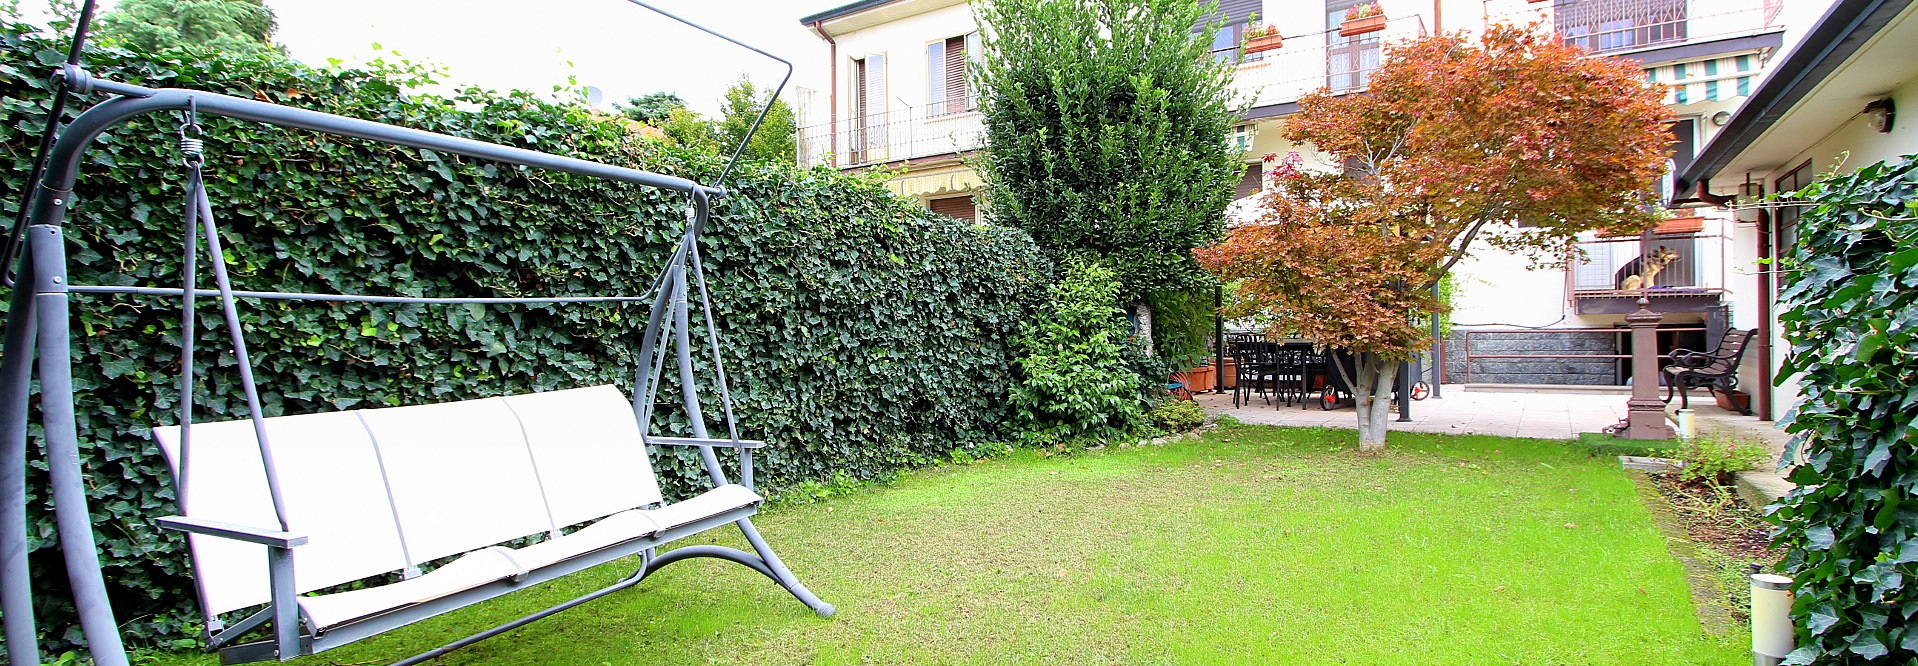 Elegante villa con giardino di proprietà